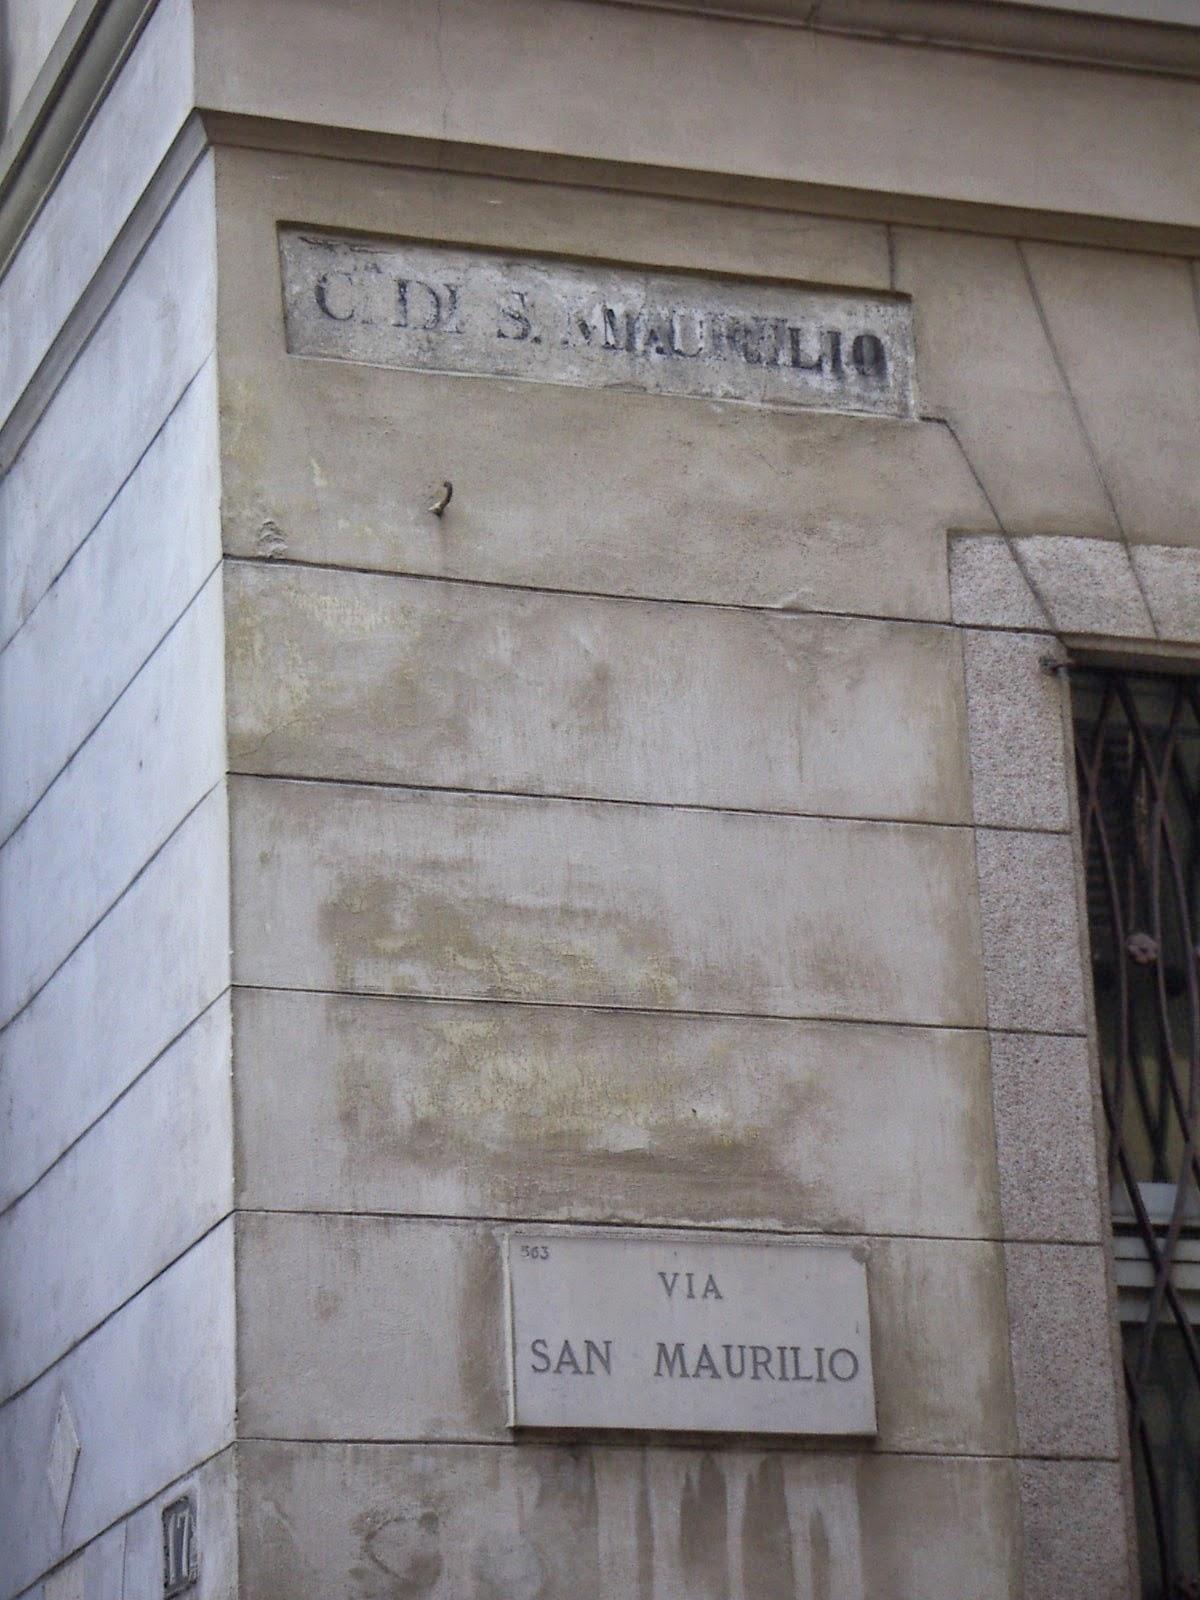 Via San Maurilio Milano milanoneisecoli: la contrada di s.ambrogio alla palla